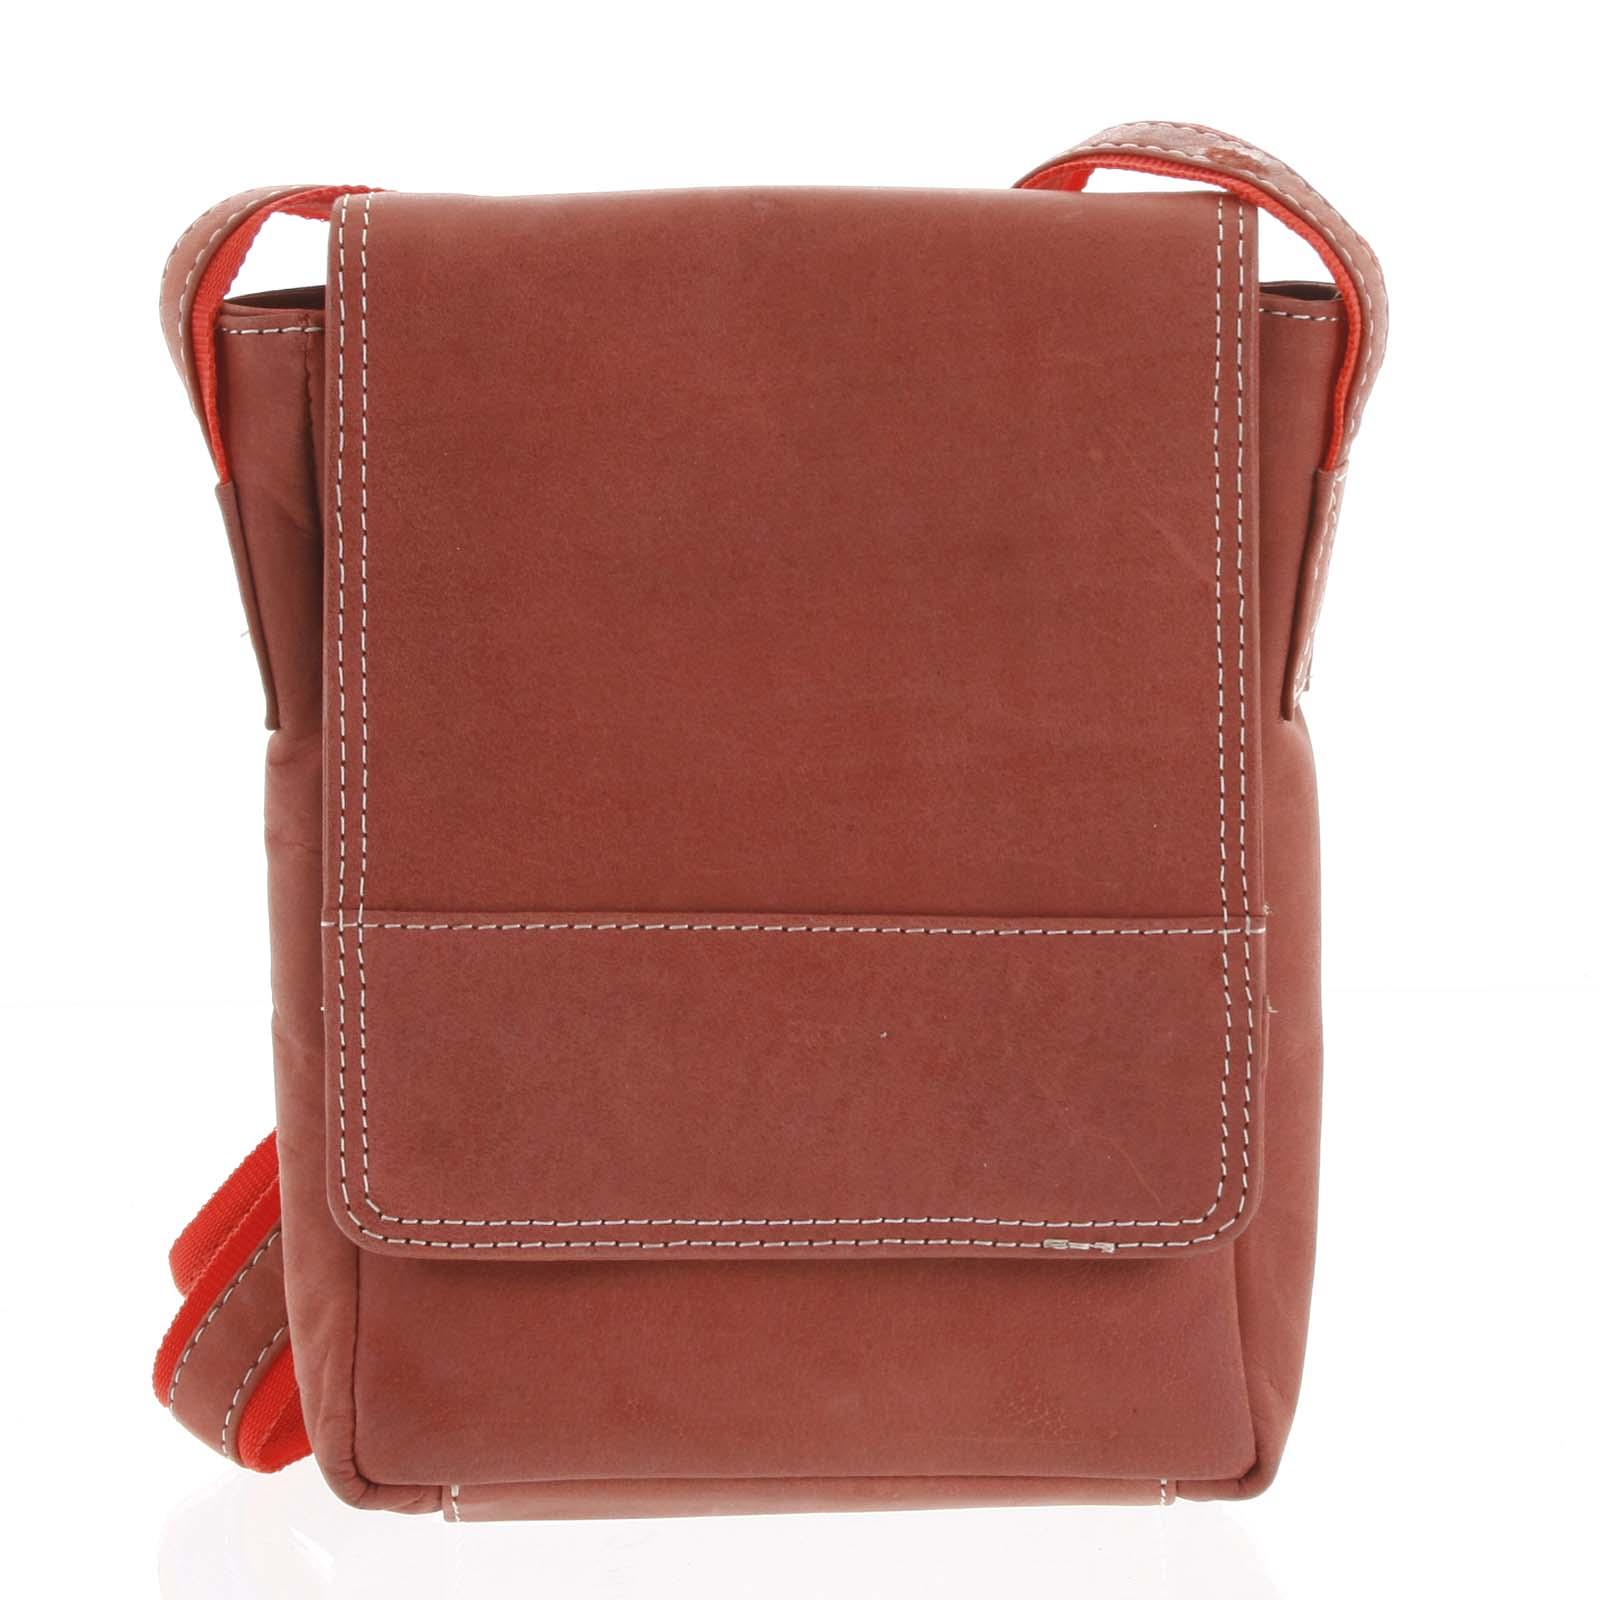 Kožená pánská crossbody taška na doklady červená broušená 0213